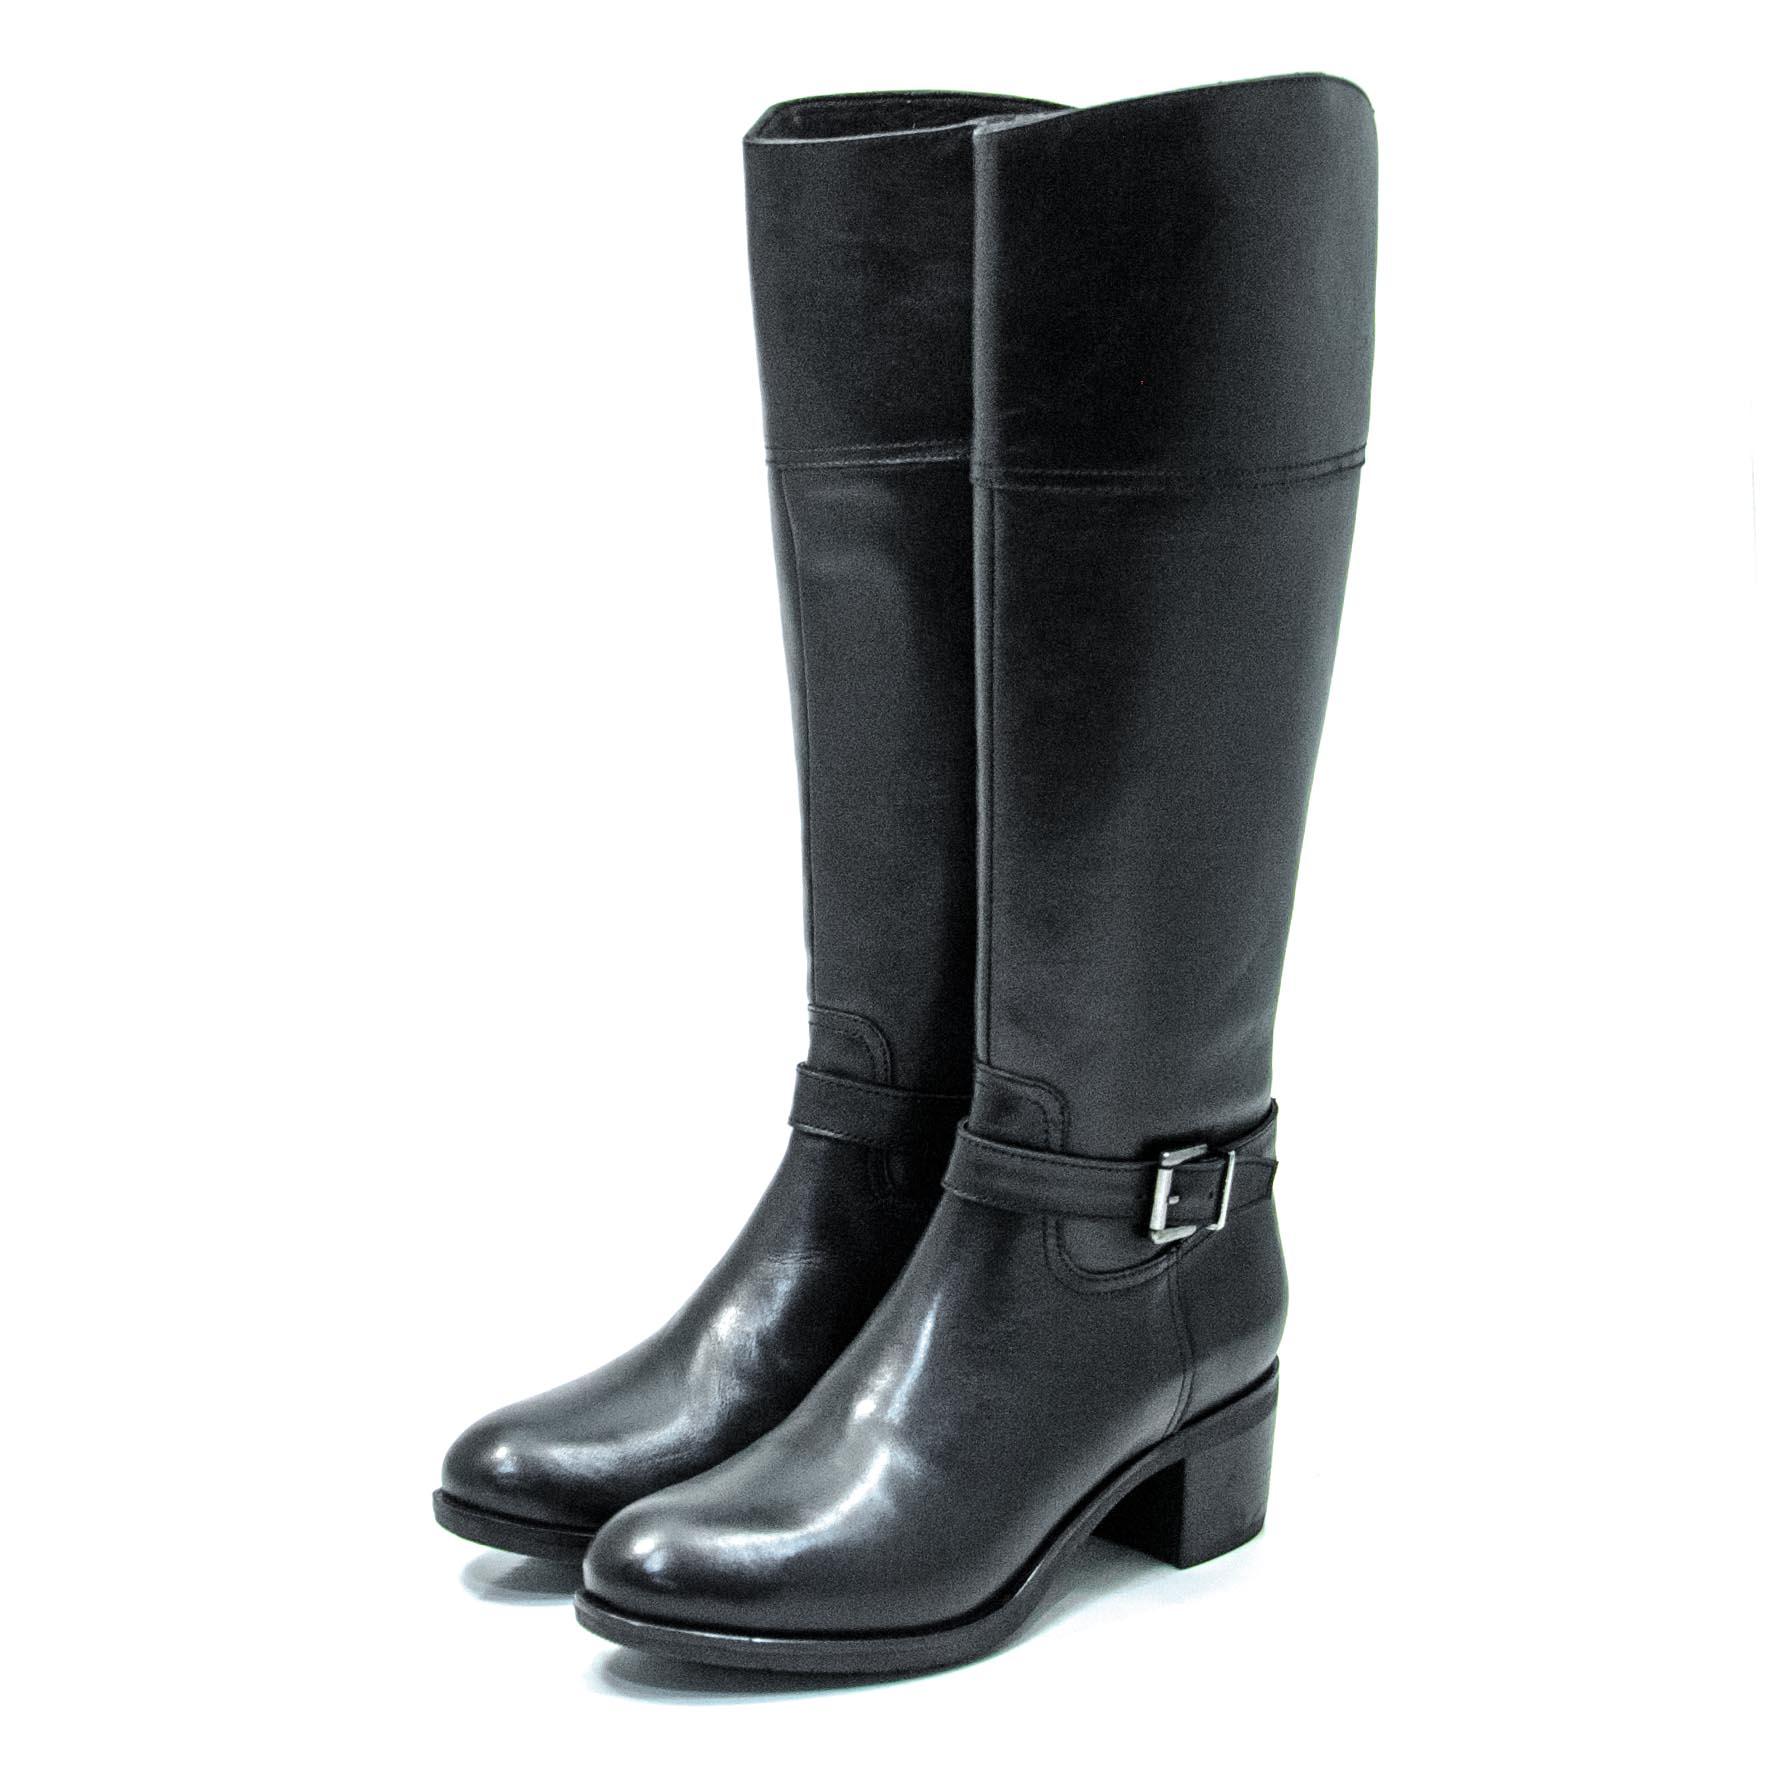 Γυναικεία μπότα WIKERS a59920